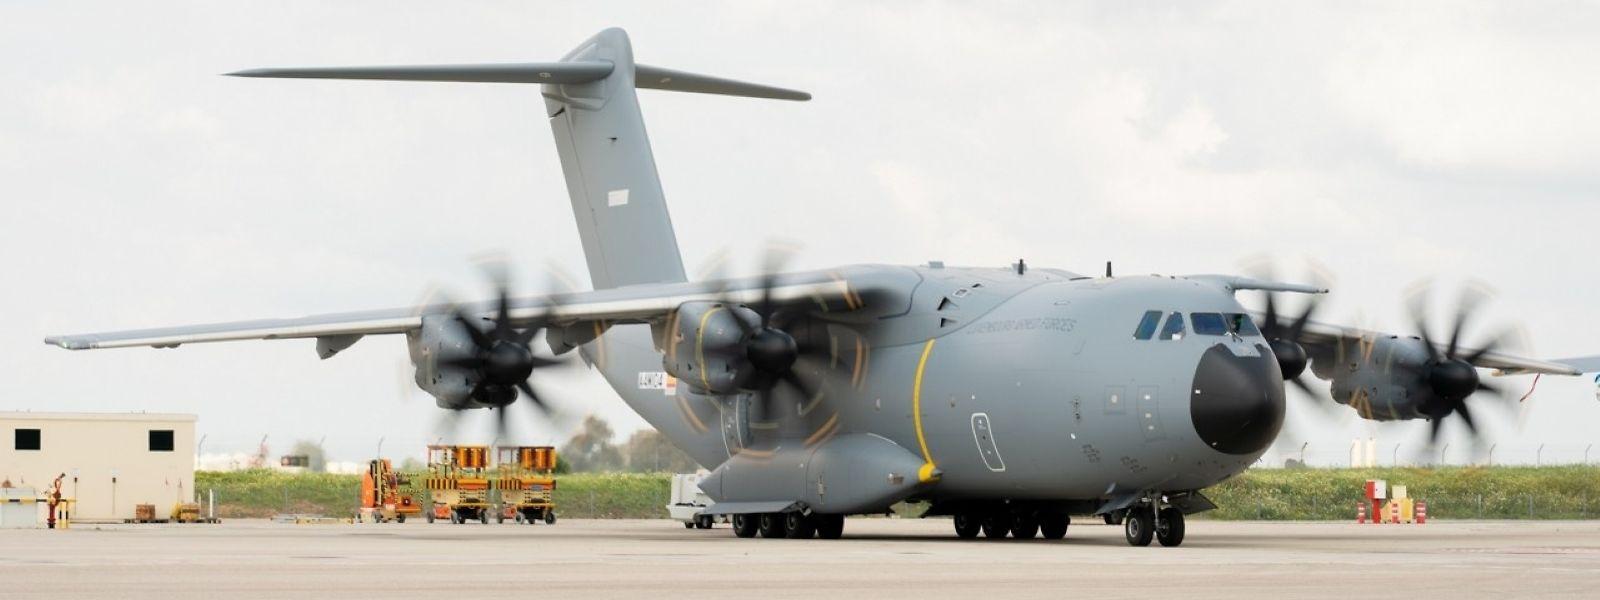 Das Militärtransportflugzeug soll Mitte Oktober geliefert werden.